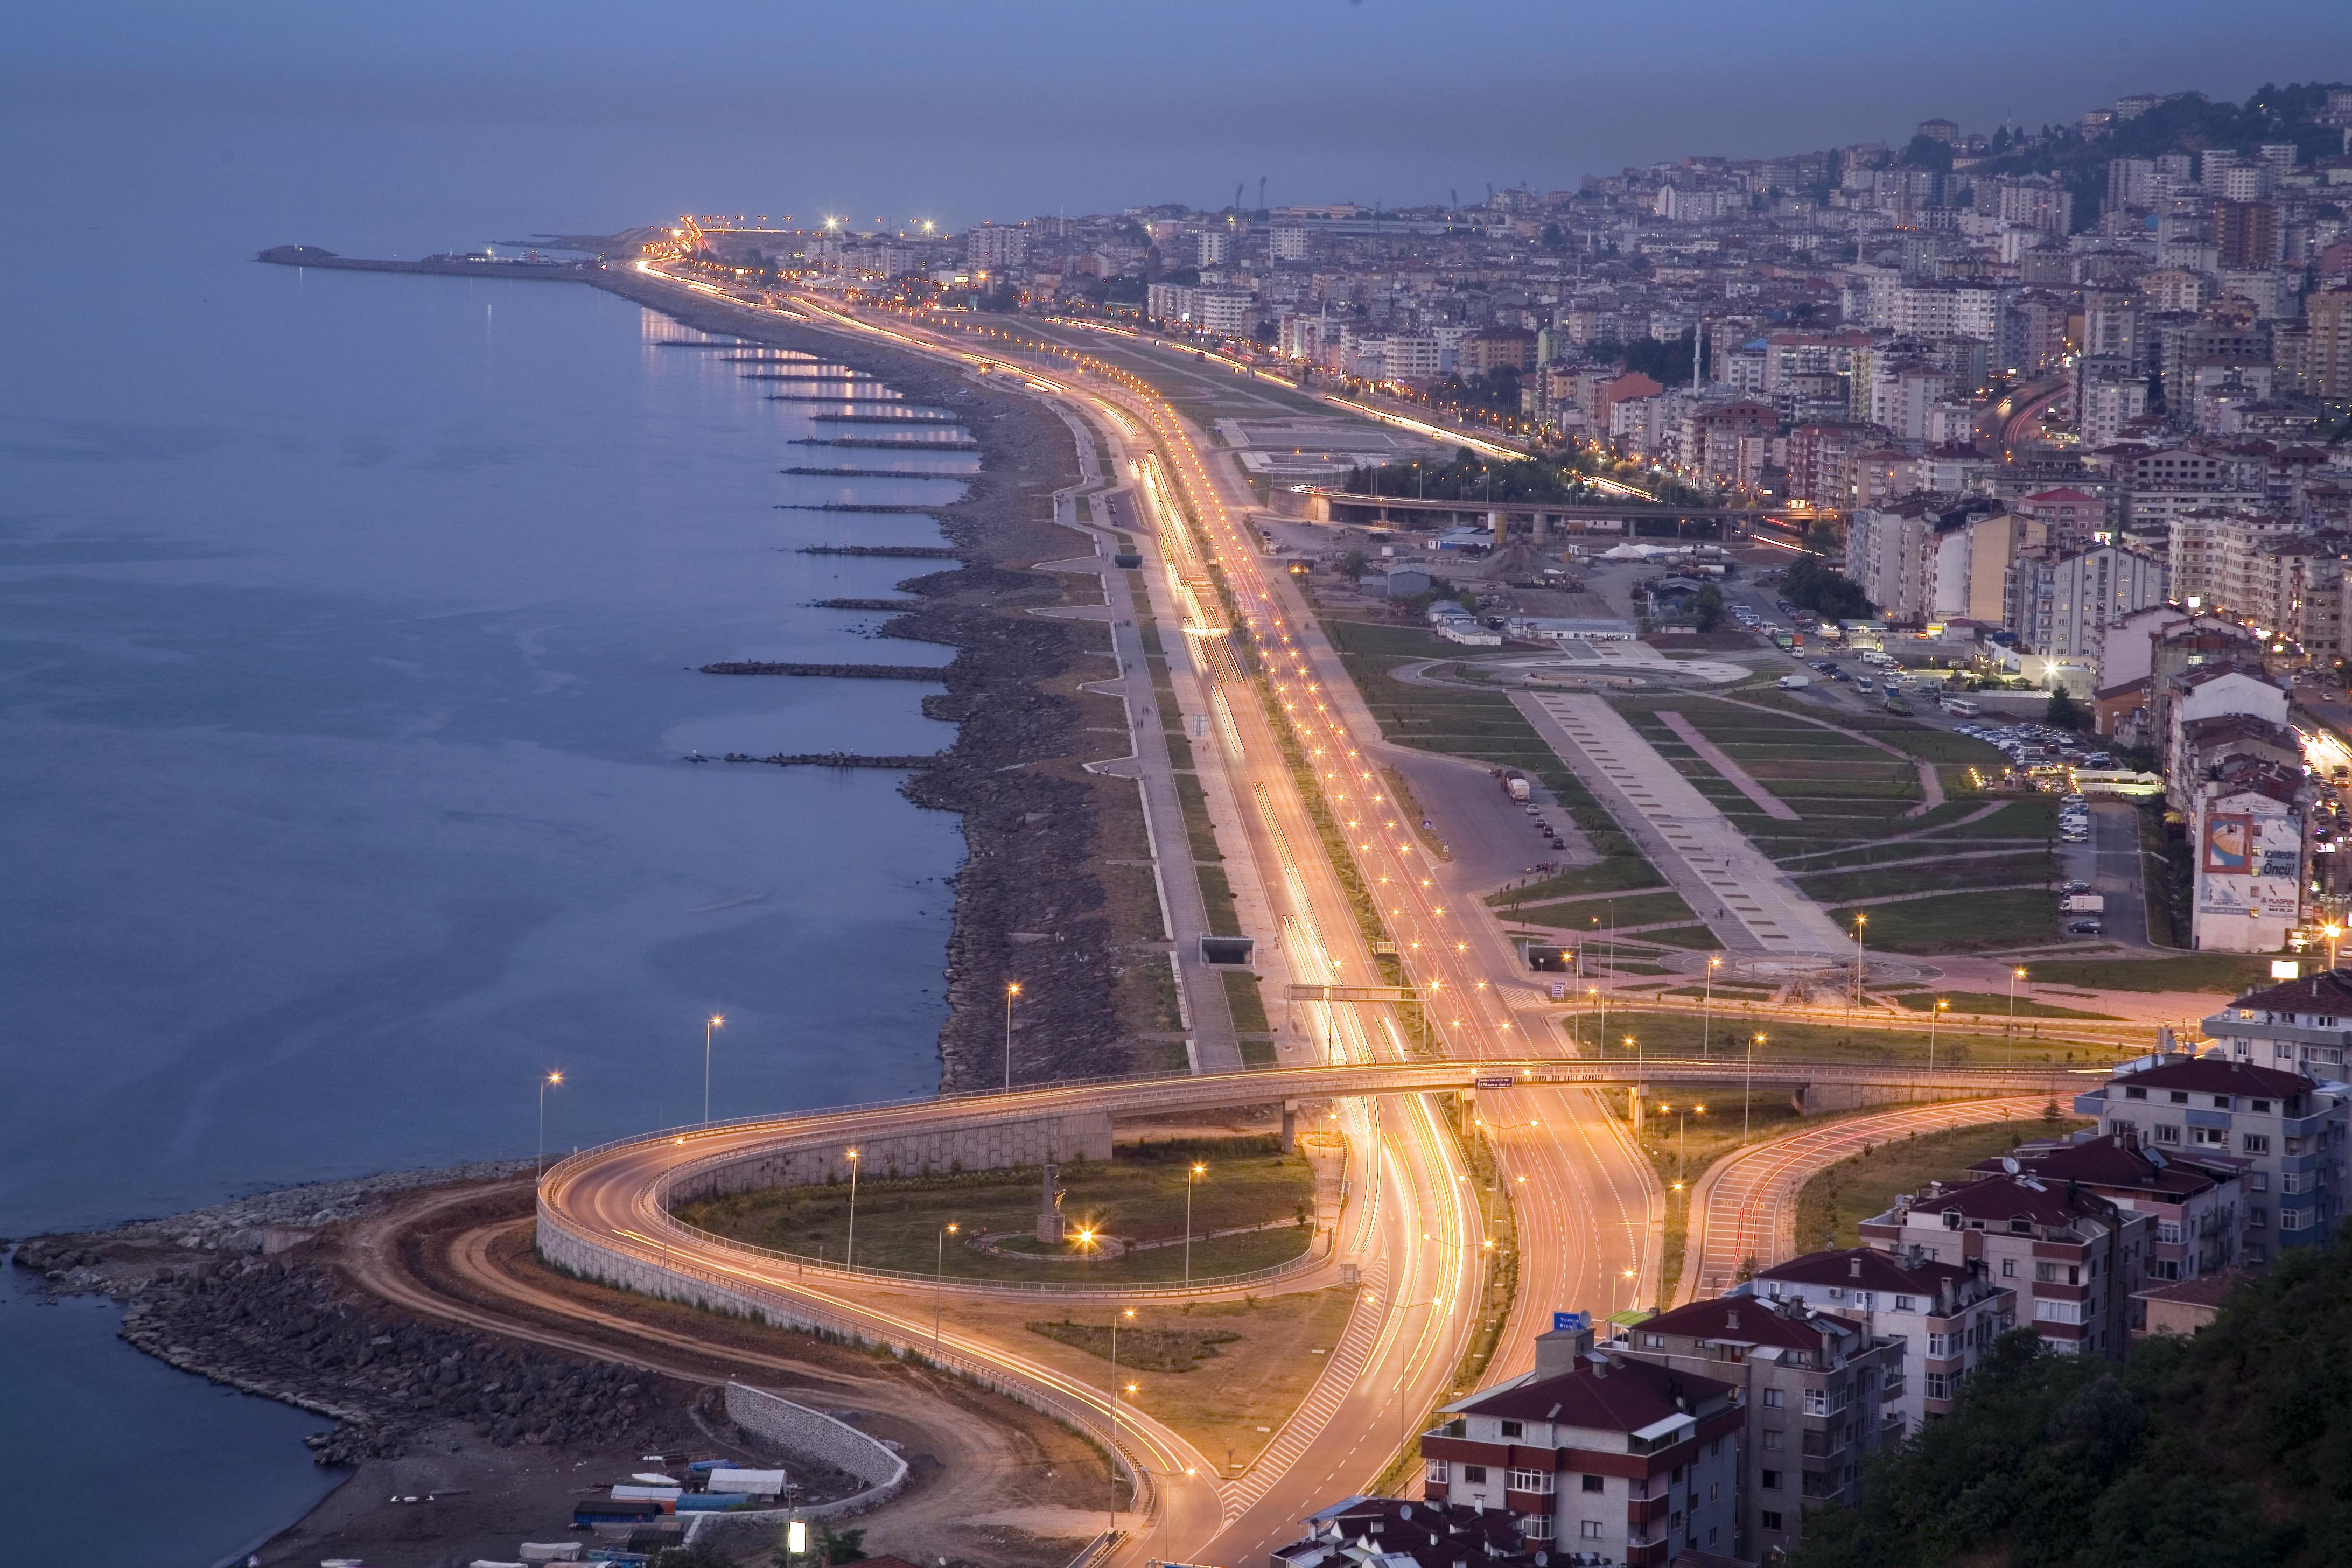 جولة مدينة طرابزون Trabzonسيارة مع سواق خاص